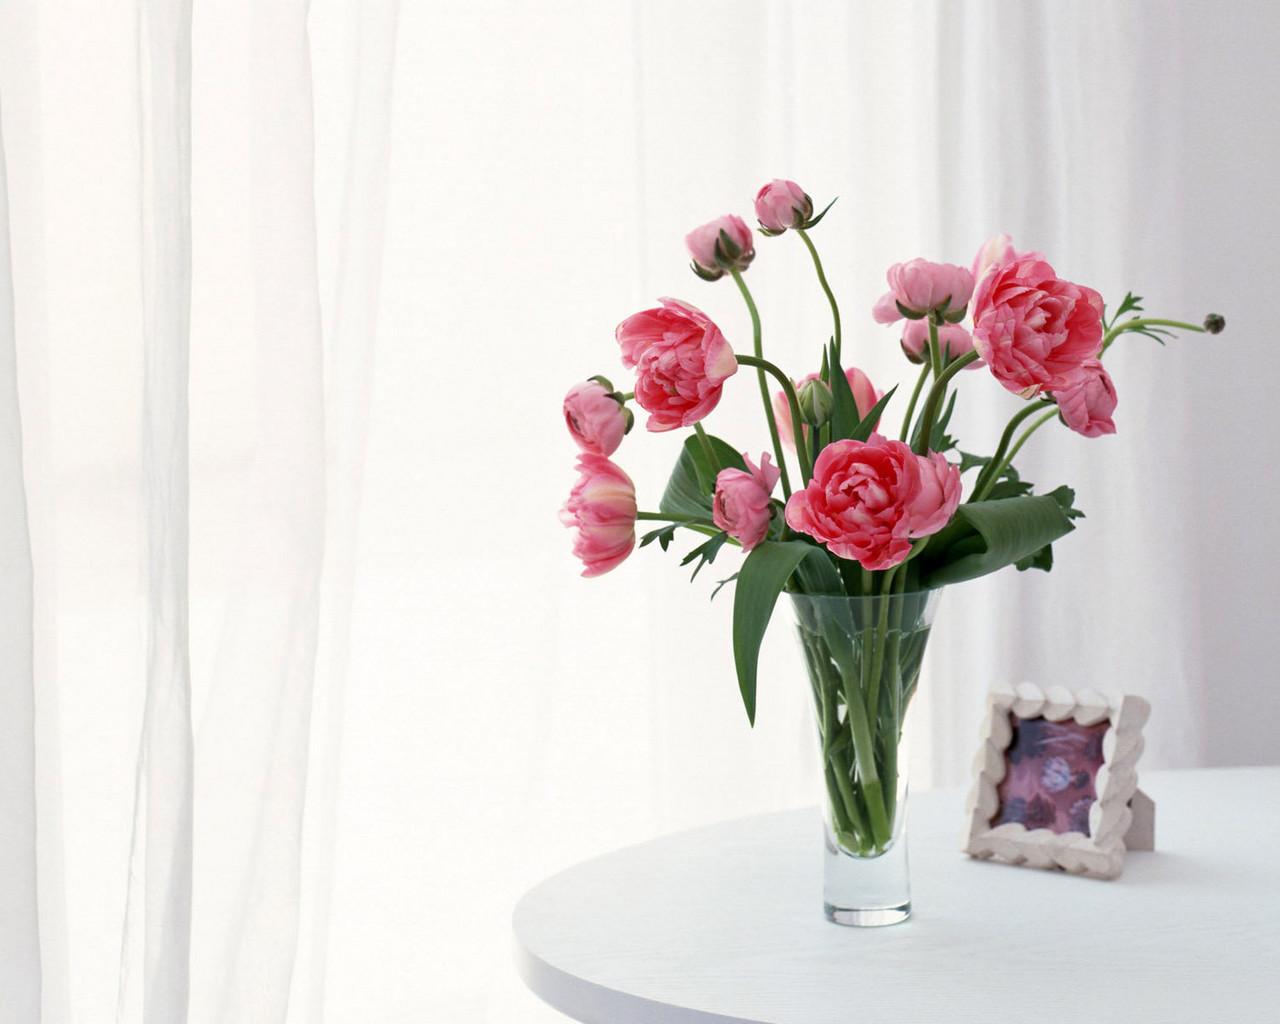 22168 скачать обои Пионы, Растения, Цветы, Букеты - заставки и картинки бесплатно